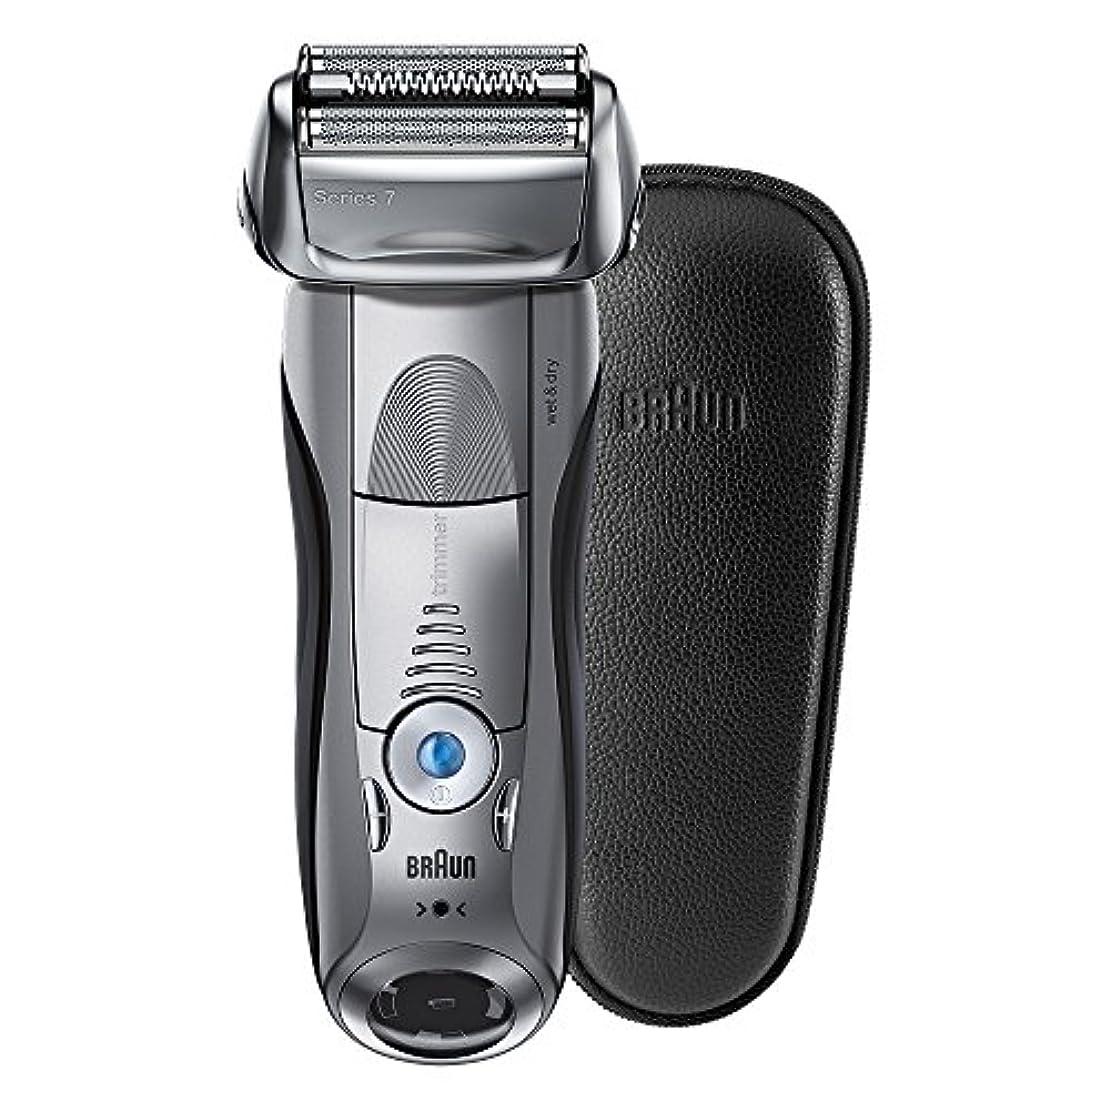 ブラウン メンズ電気シェーバー シリーズ7 7893s-SP 4カットシステム 水洗い/お風呂剃り可 本革ケース付